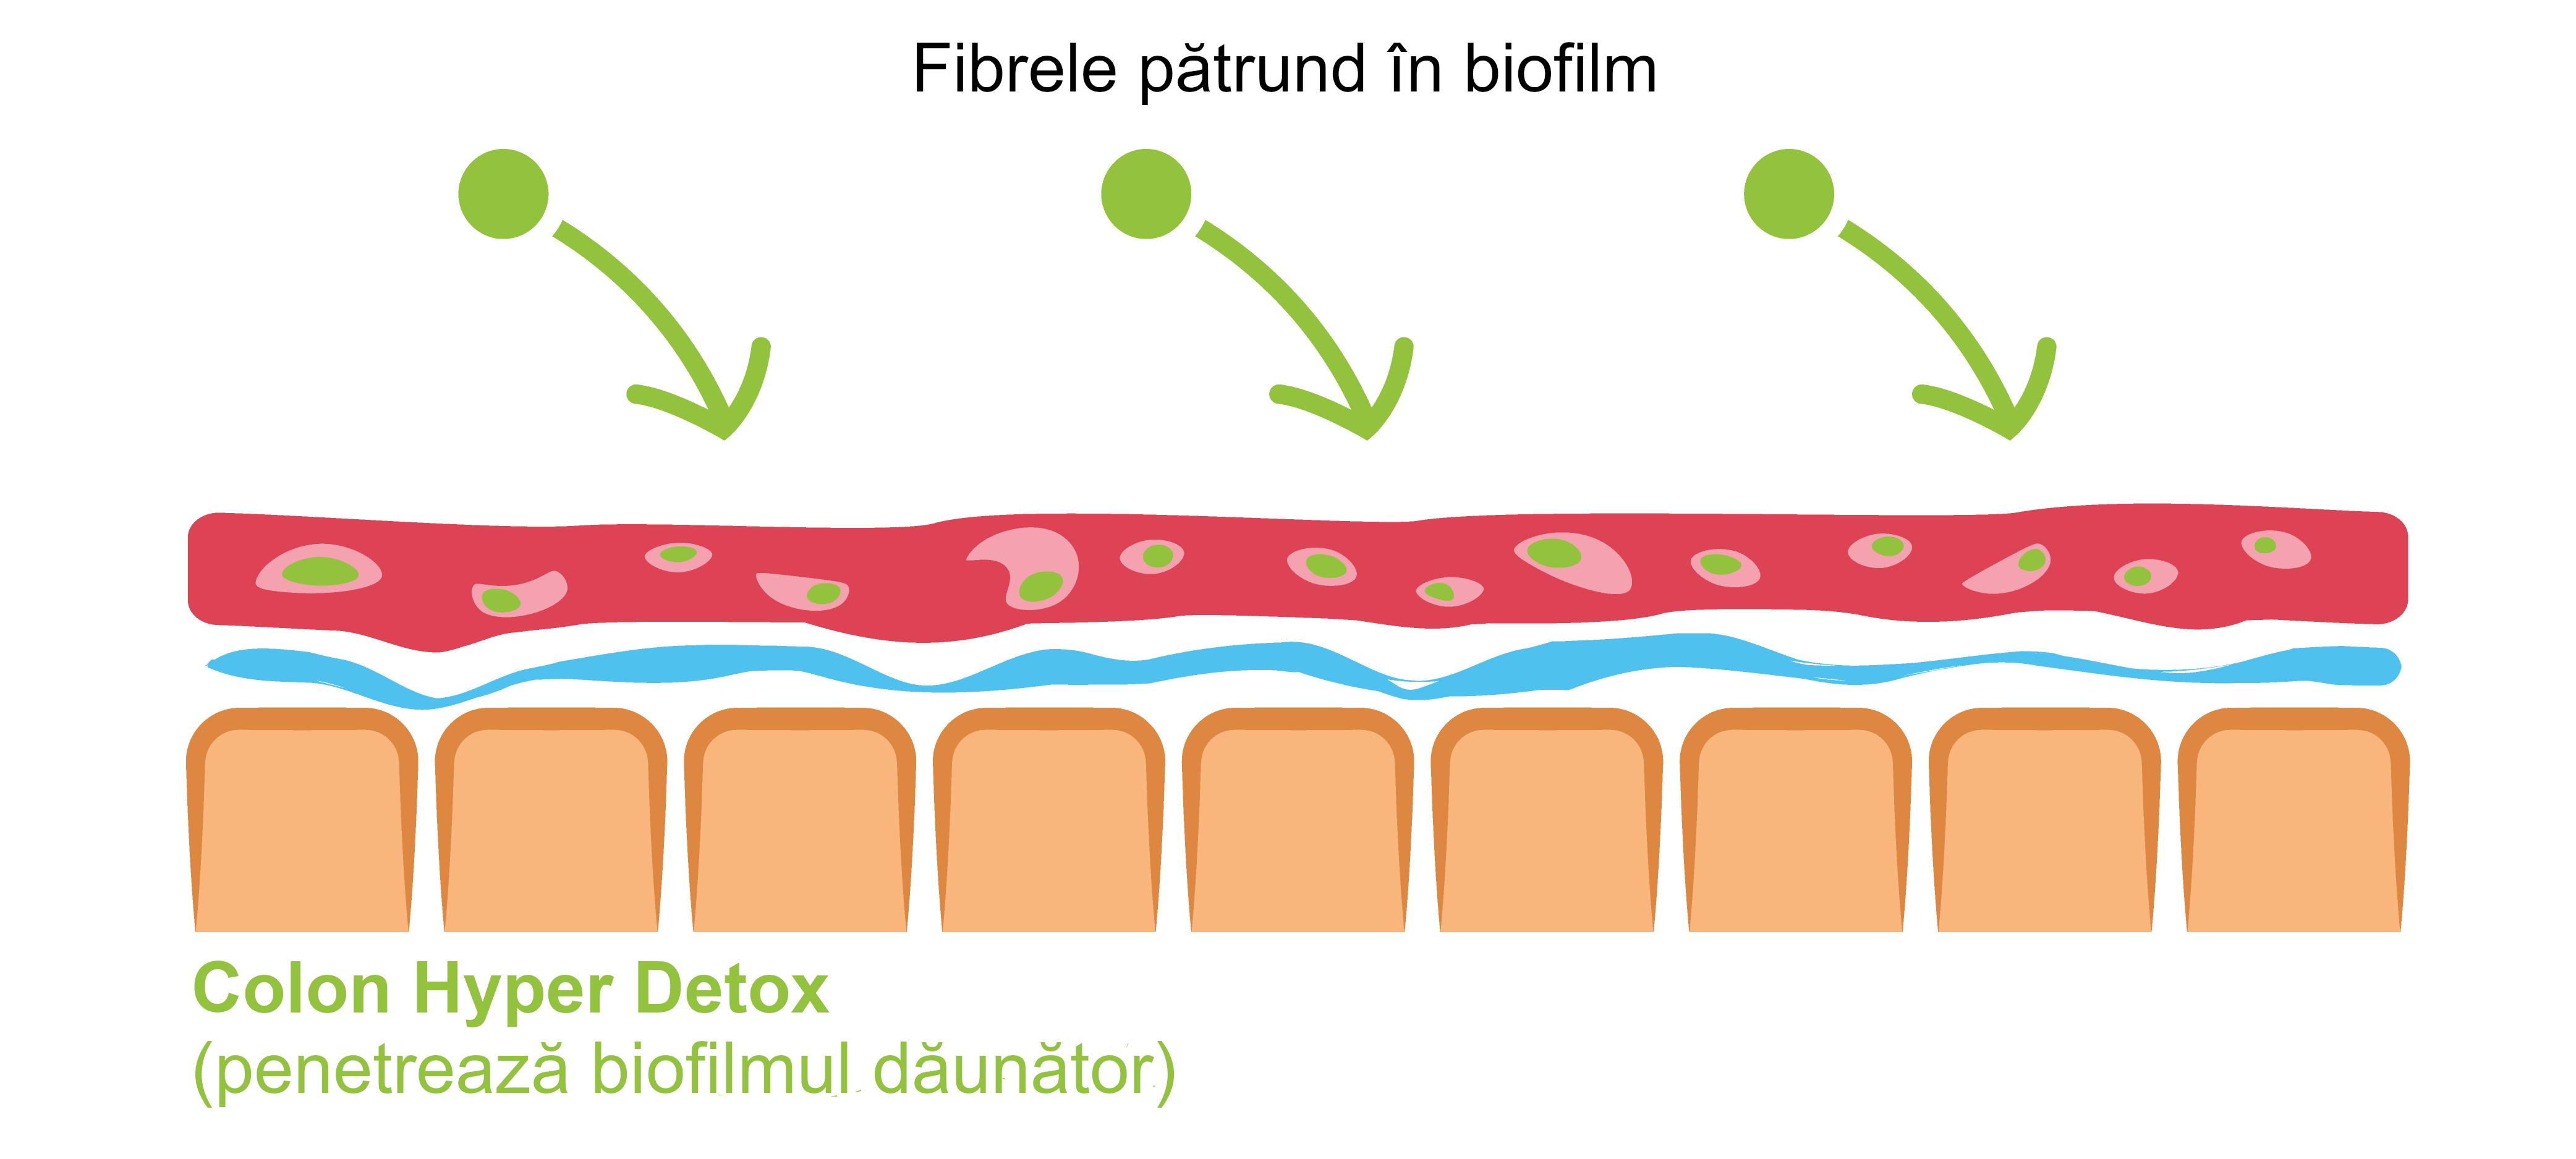 eliminare mucoasa intestinala vindeca viermii